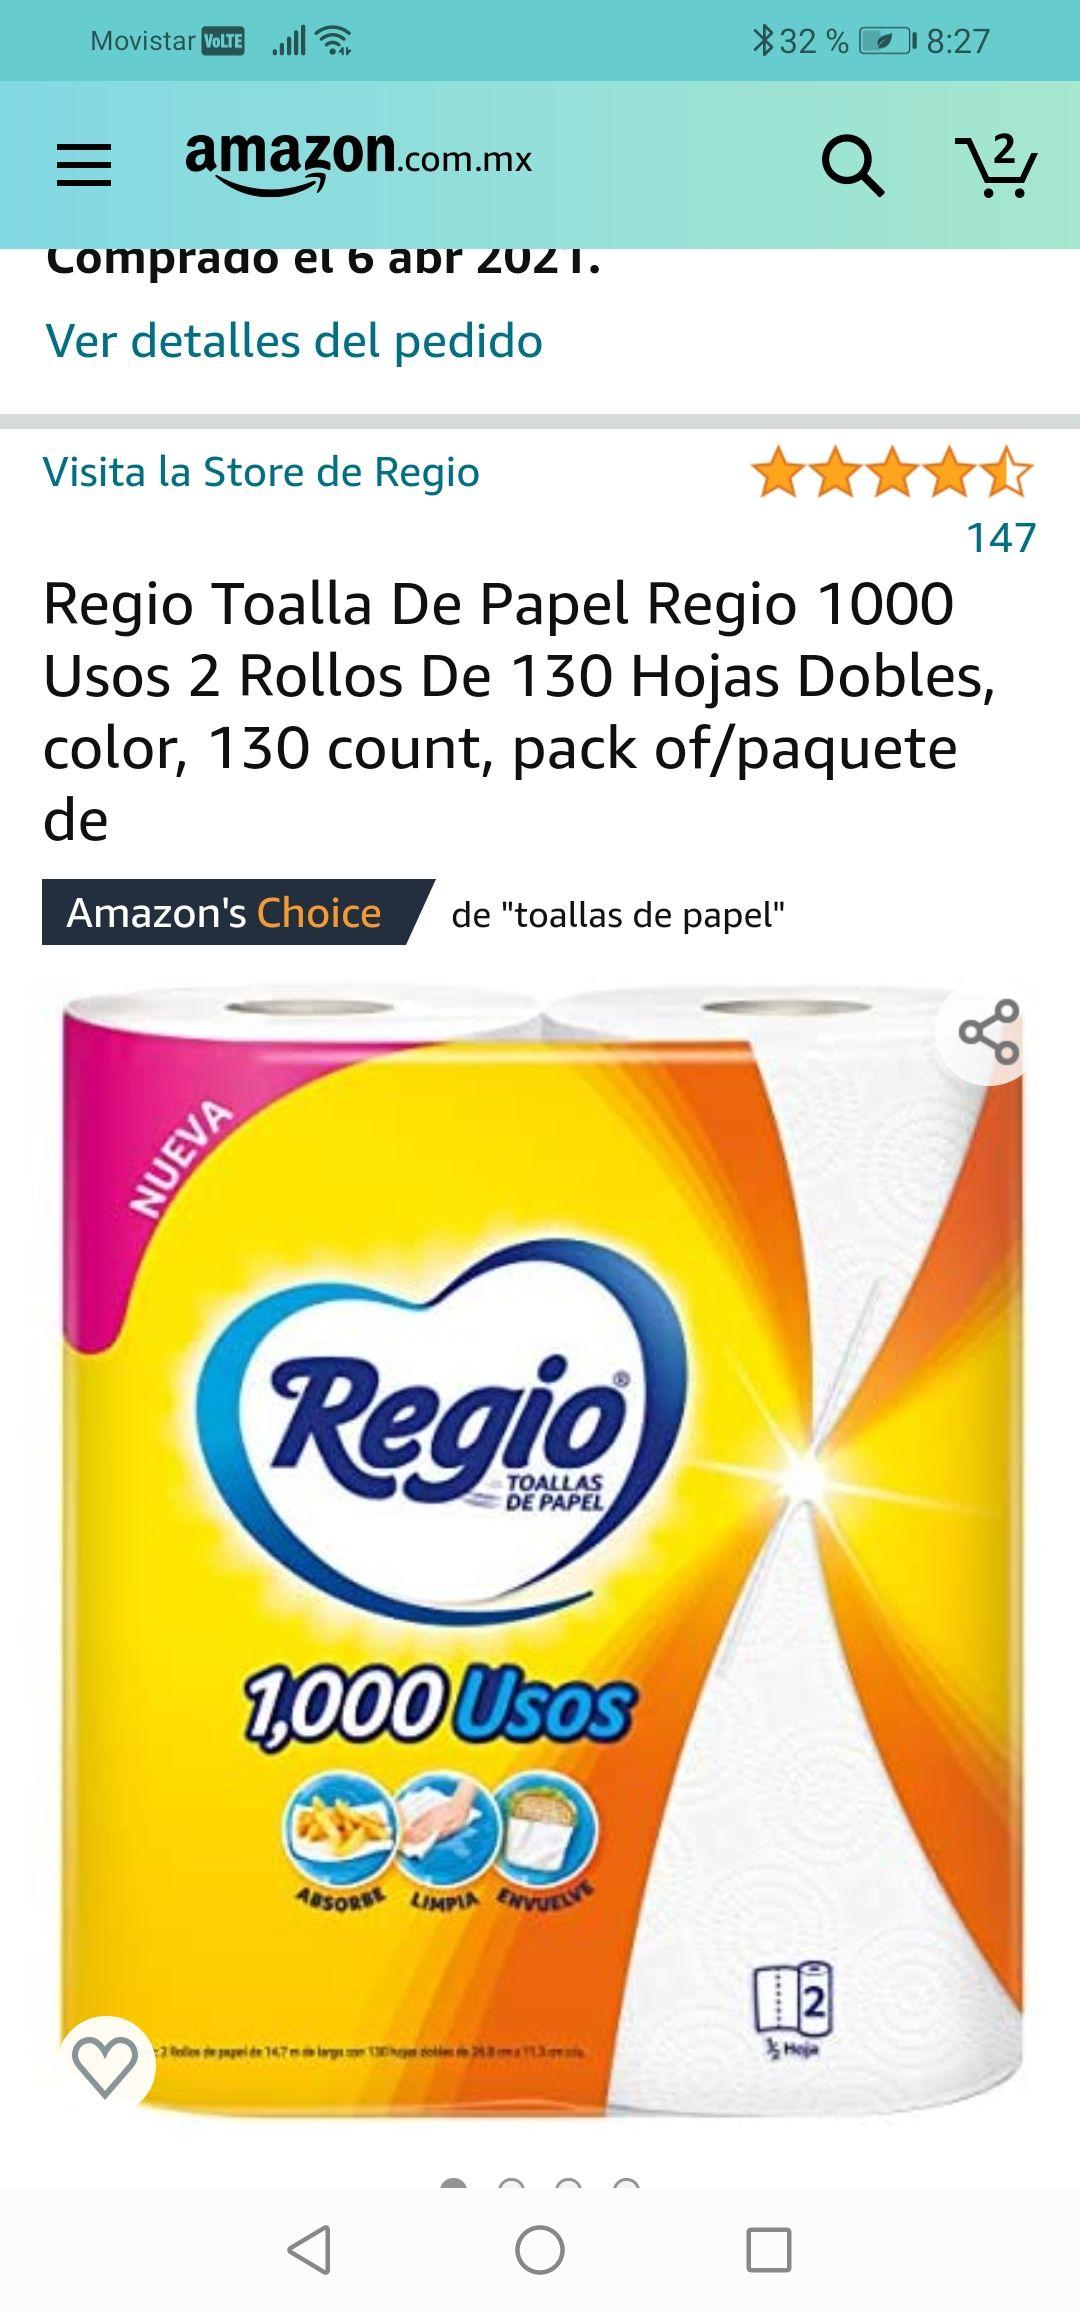 Amazon: Regio Toalla De Papel Regio 1000 Usos 2 Rollos De 130 Hojas Dobles, color, 130 count, pack of/paquete de